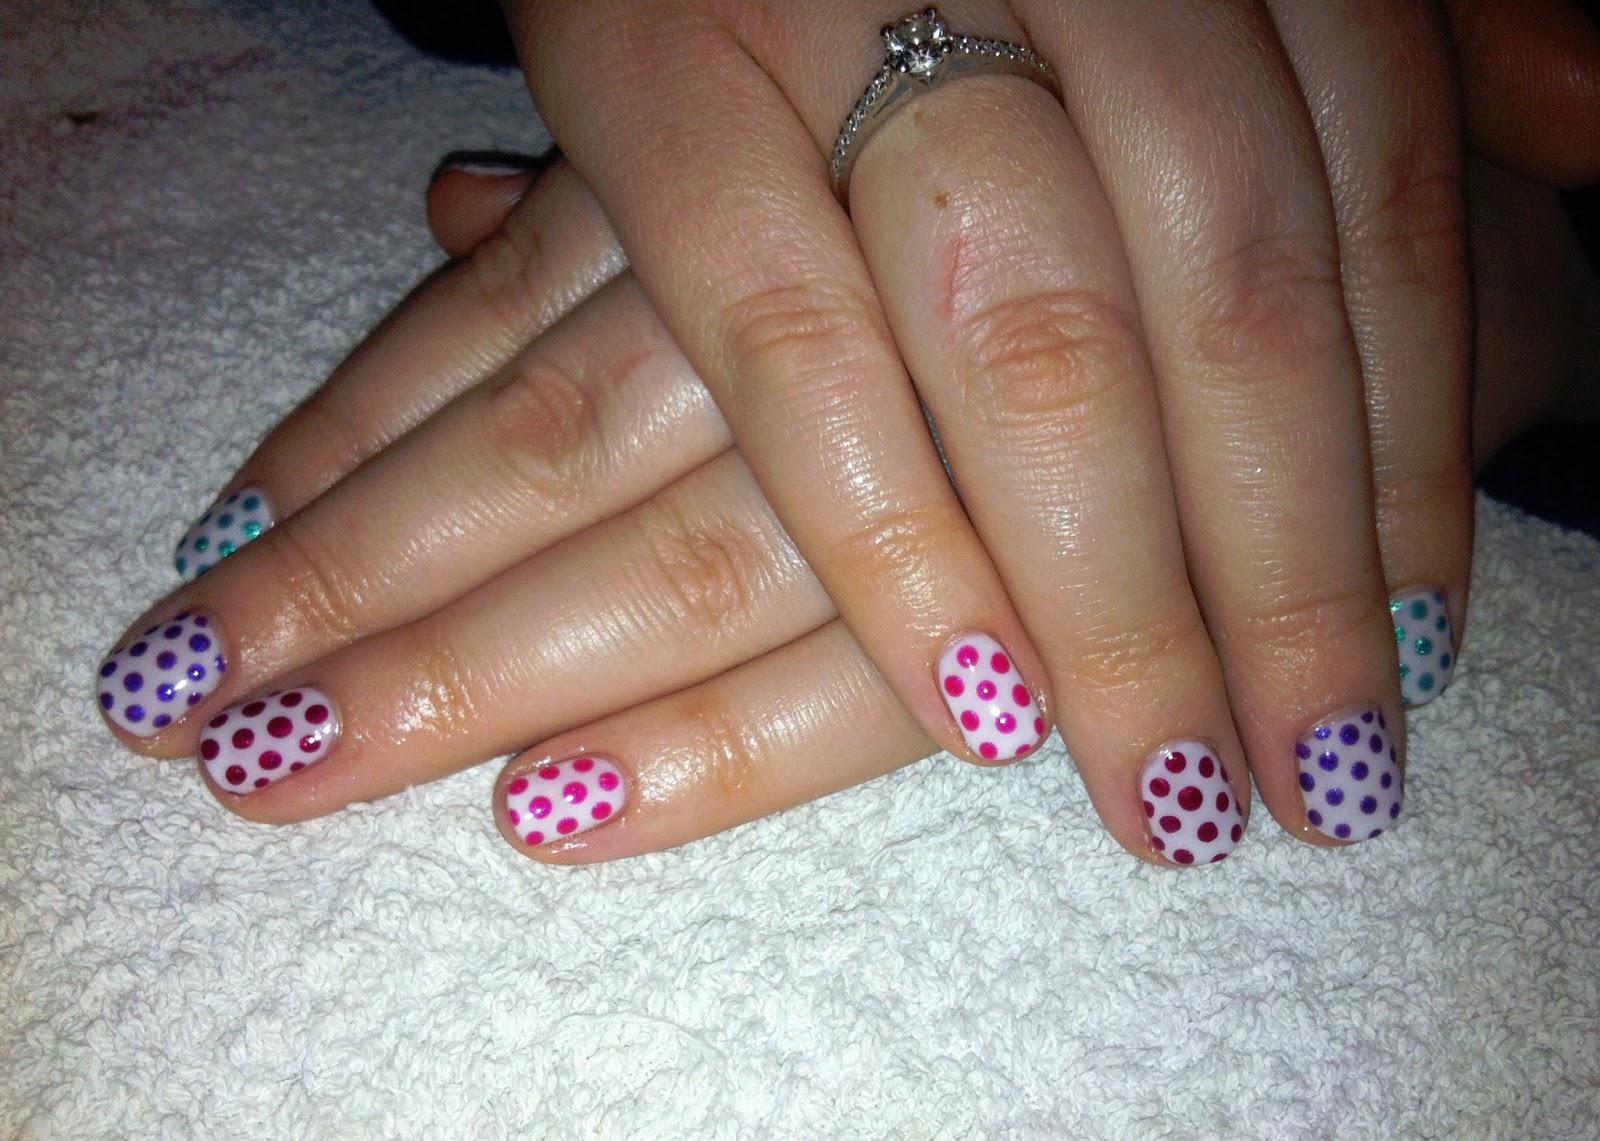 Cnd shellac nail art rainbow polka dots